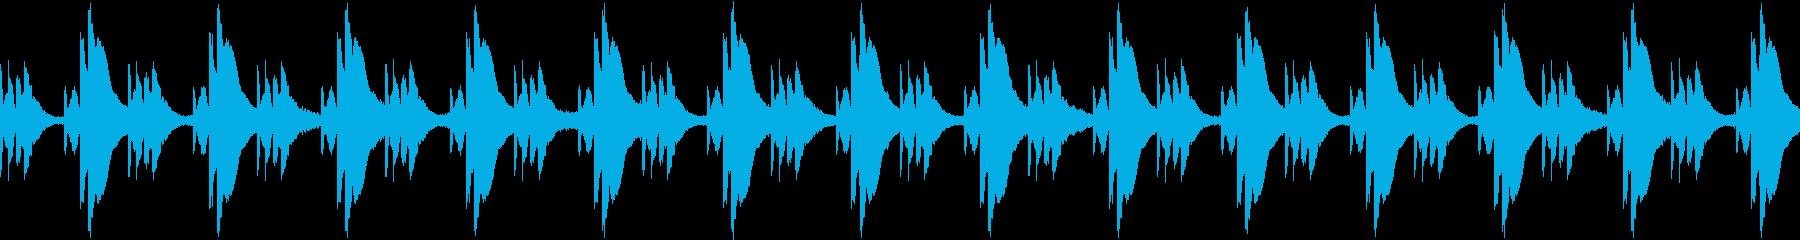 瞑想のためのアンビエント3の再生済みの波形